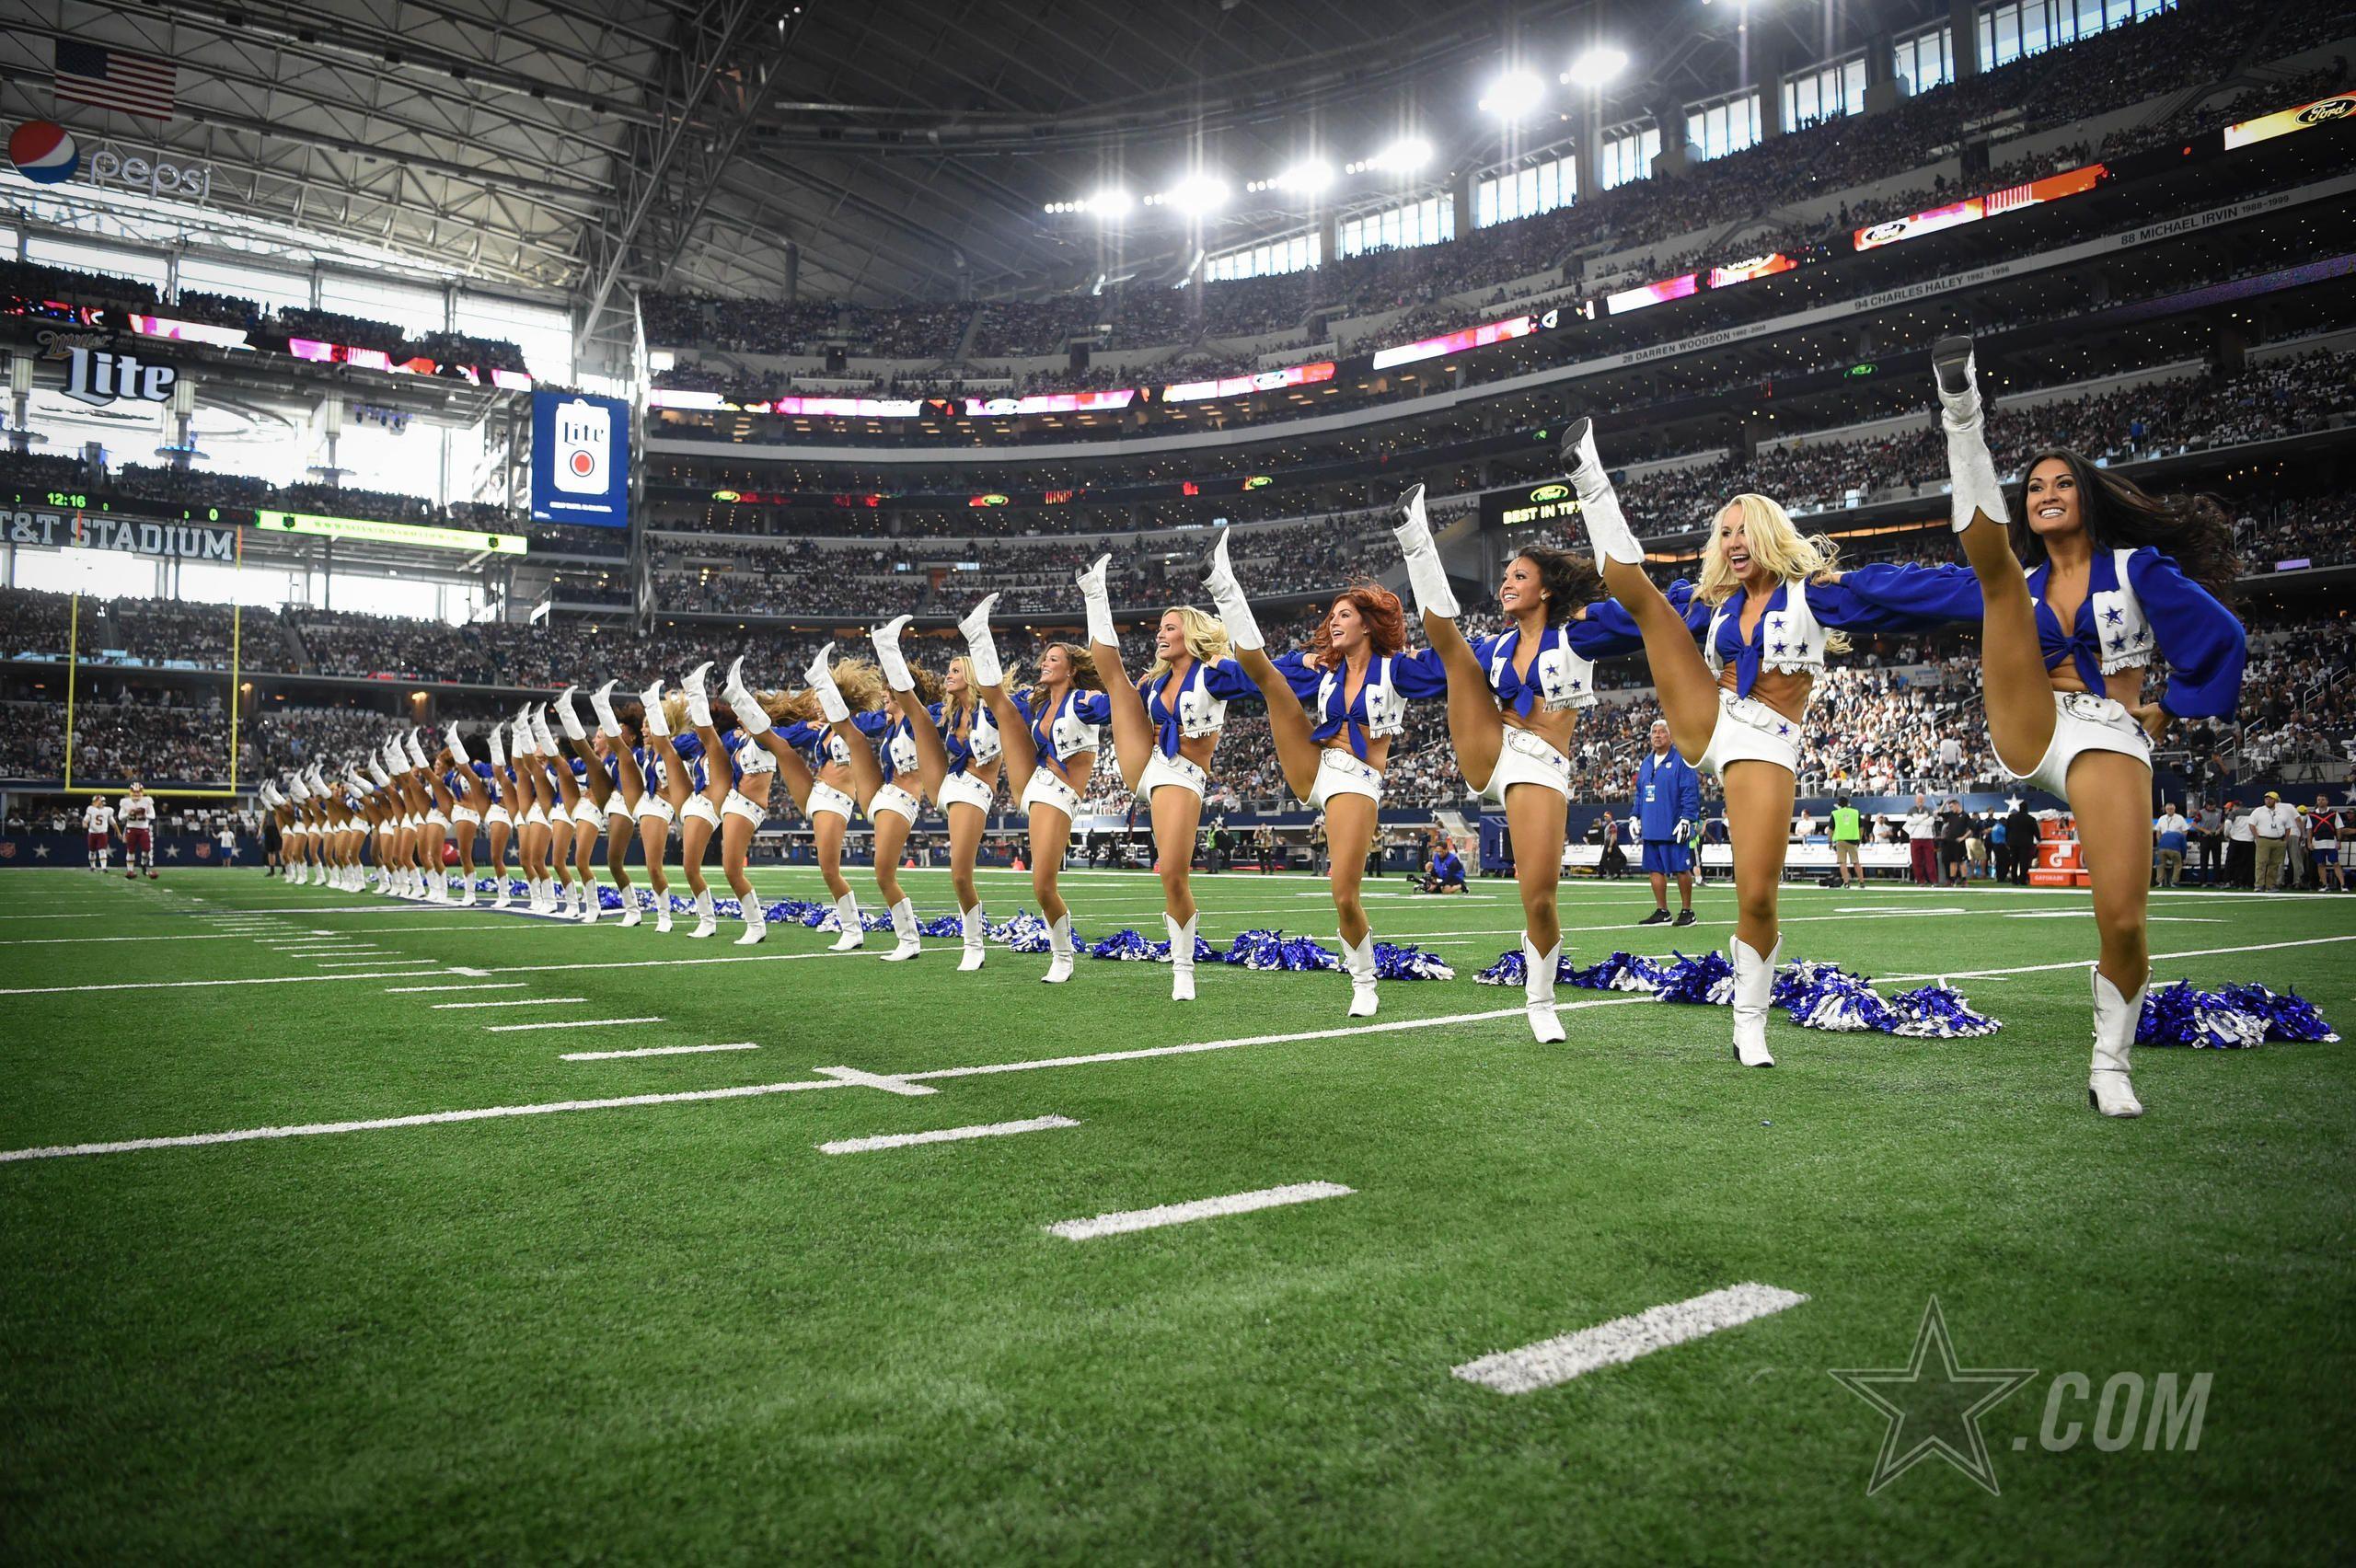 Dcc kickline dallas cowboys cheerleaders nfl